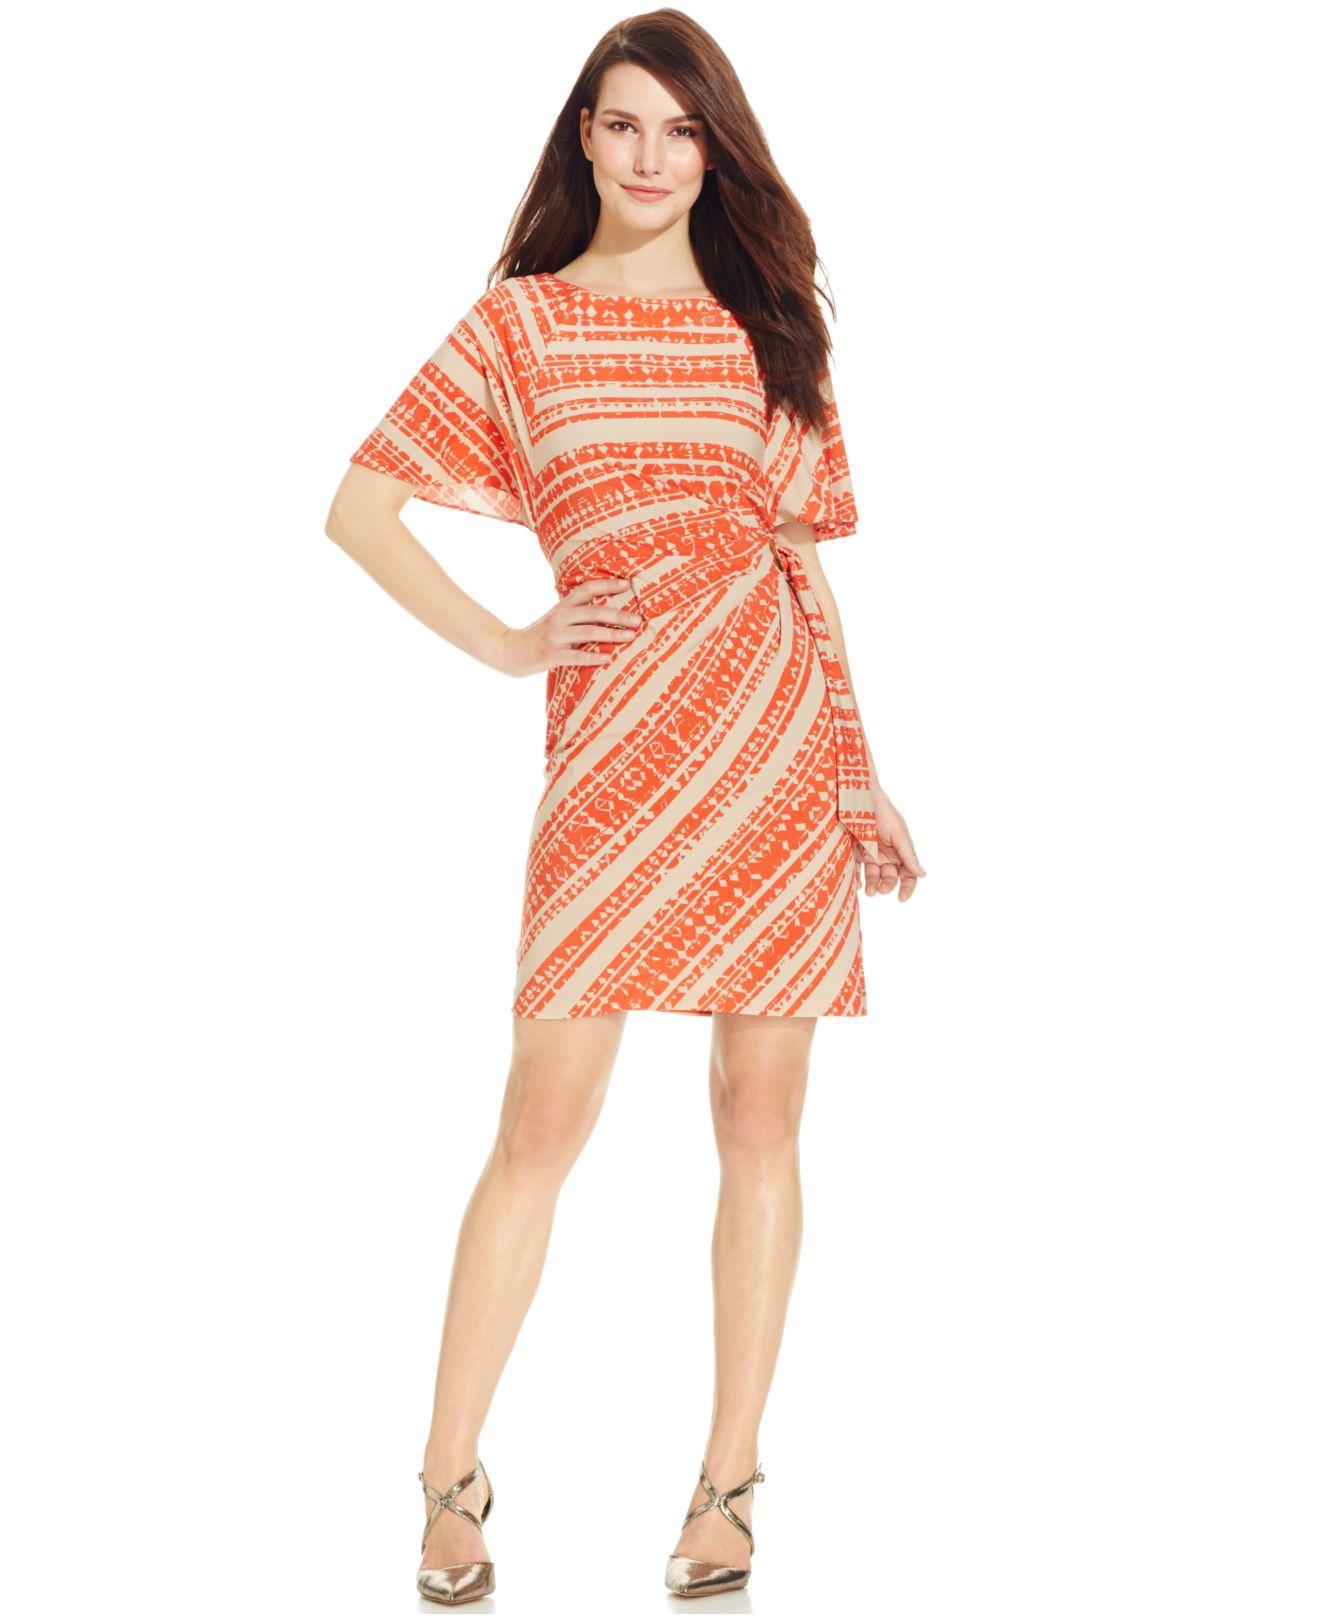 b22950a67d Tahari Tribal-print Faux-wrap Dress in Orange - Lyst